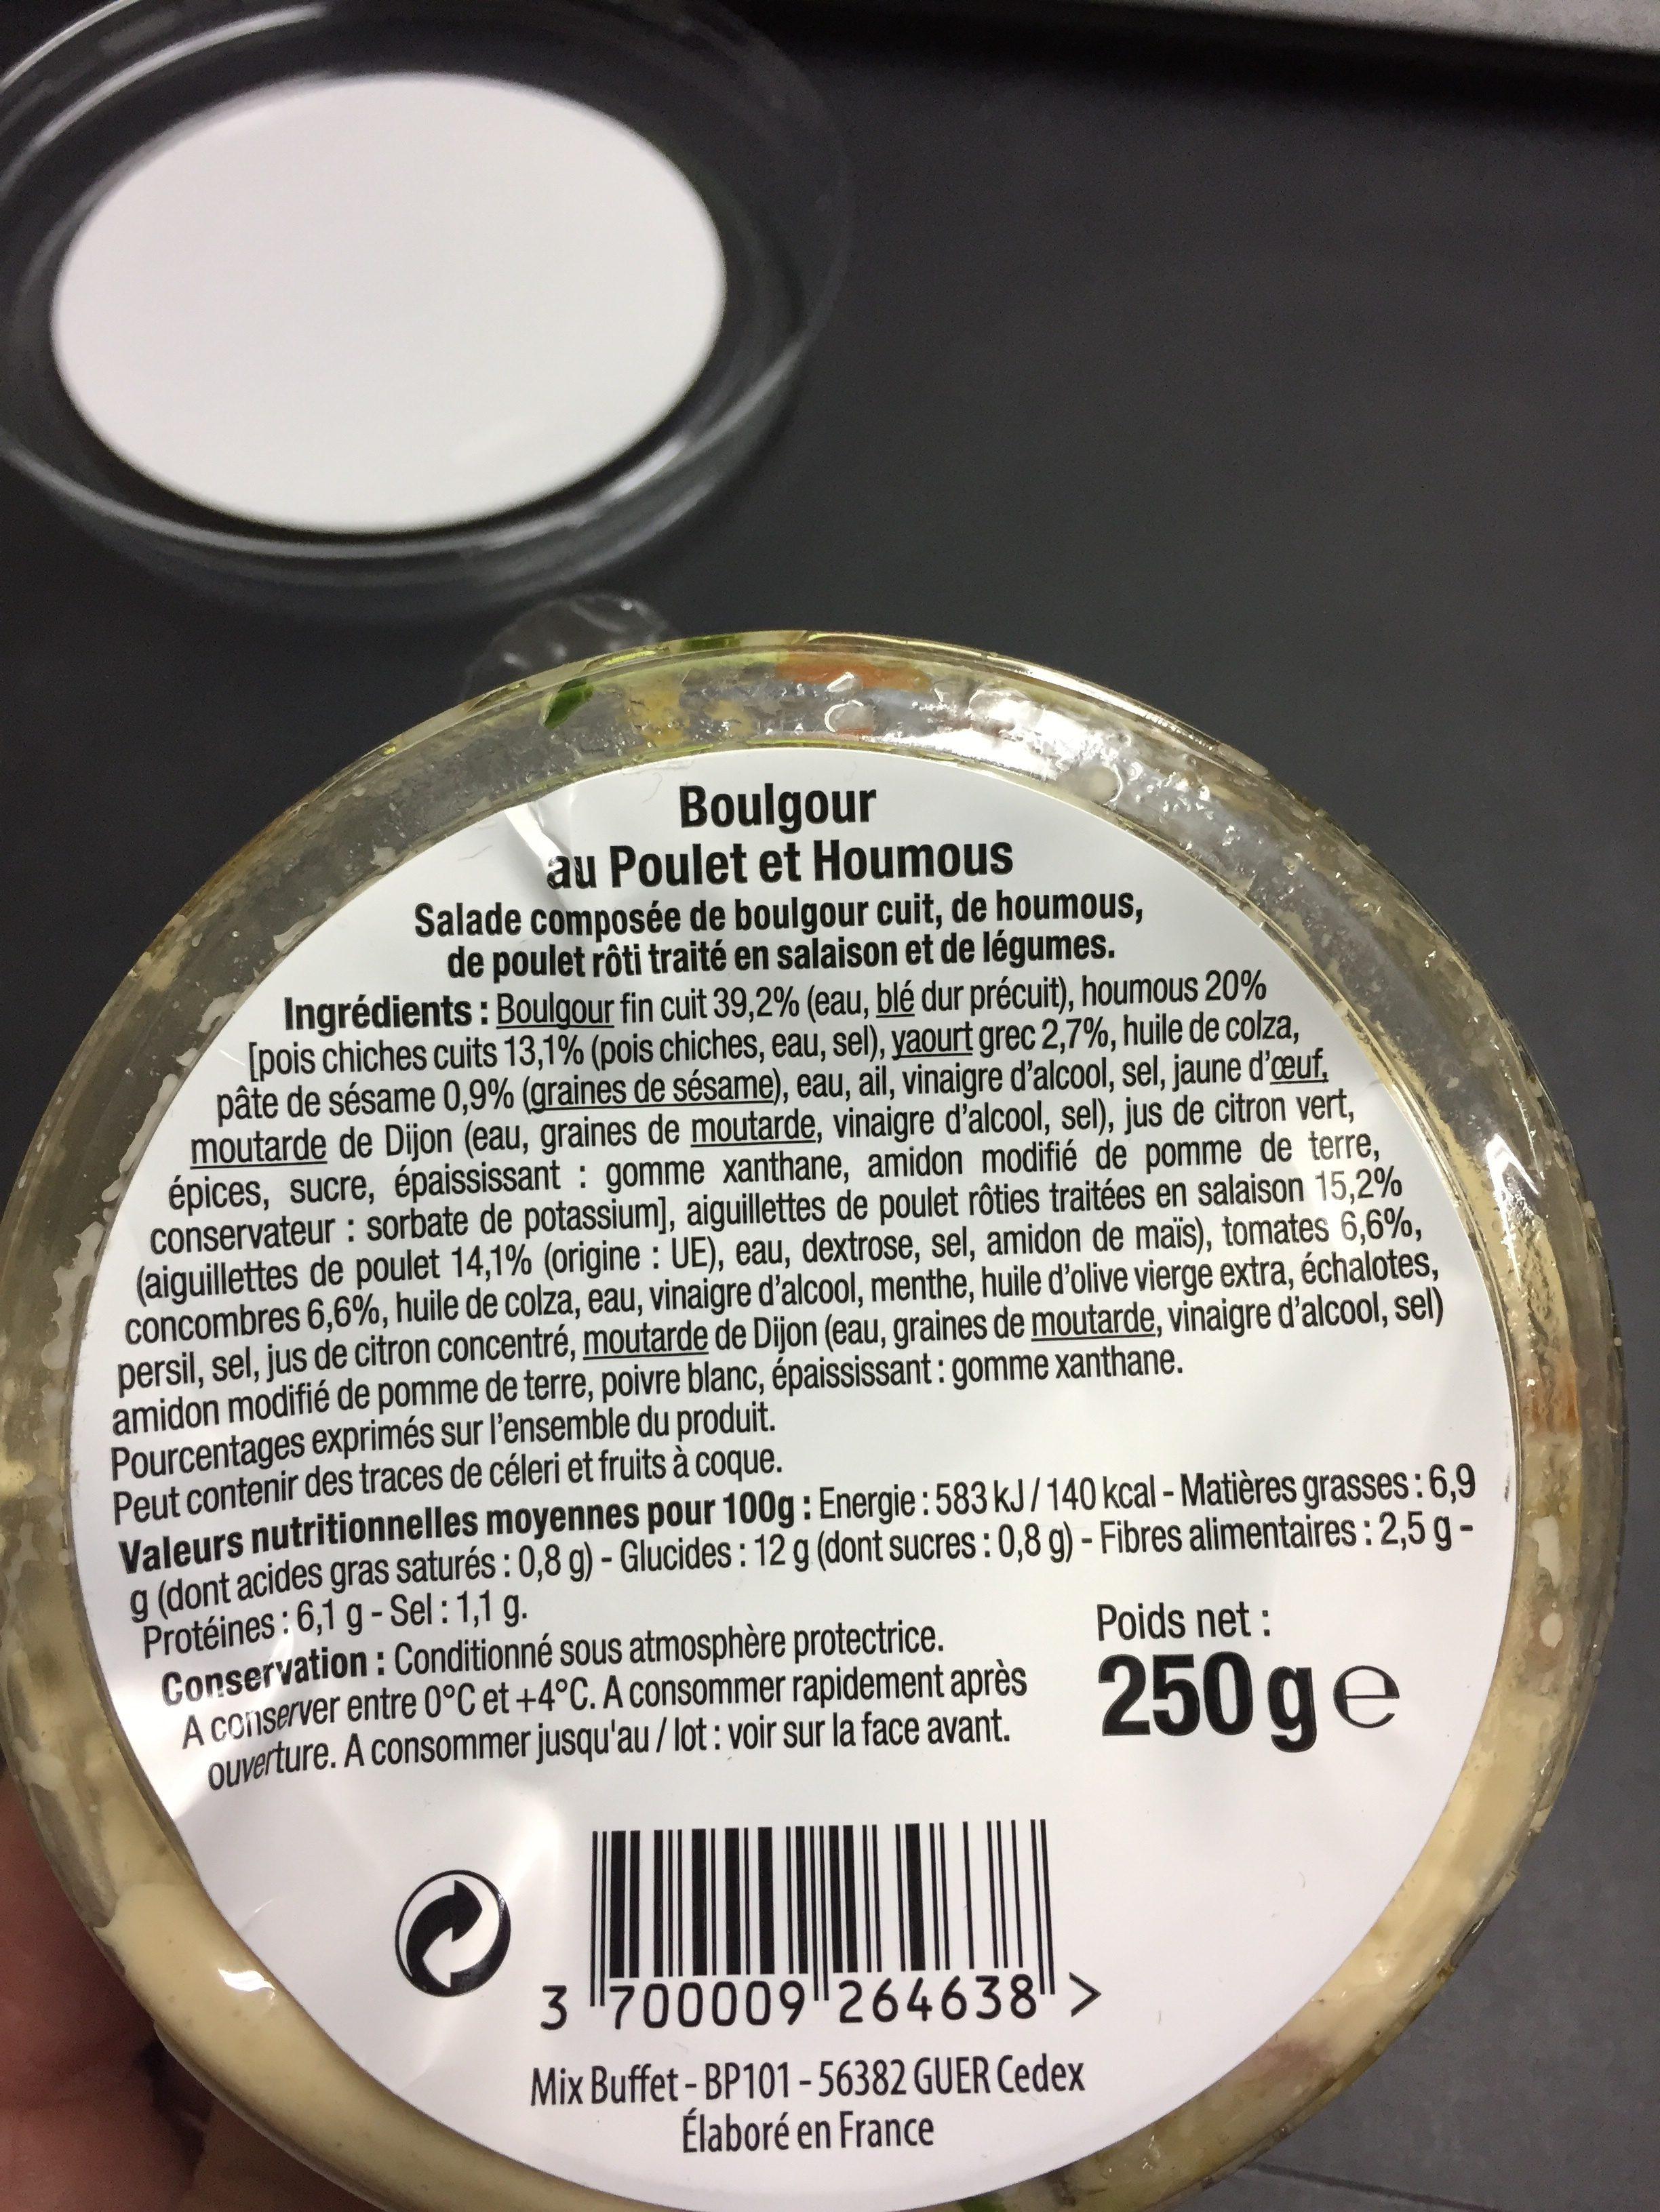 Boulgour poulet et houmous - Ingredients